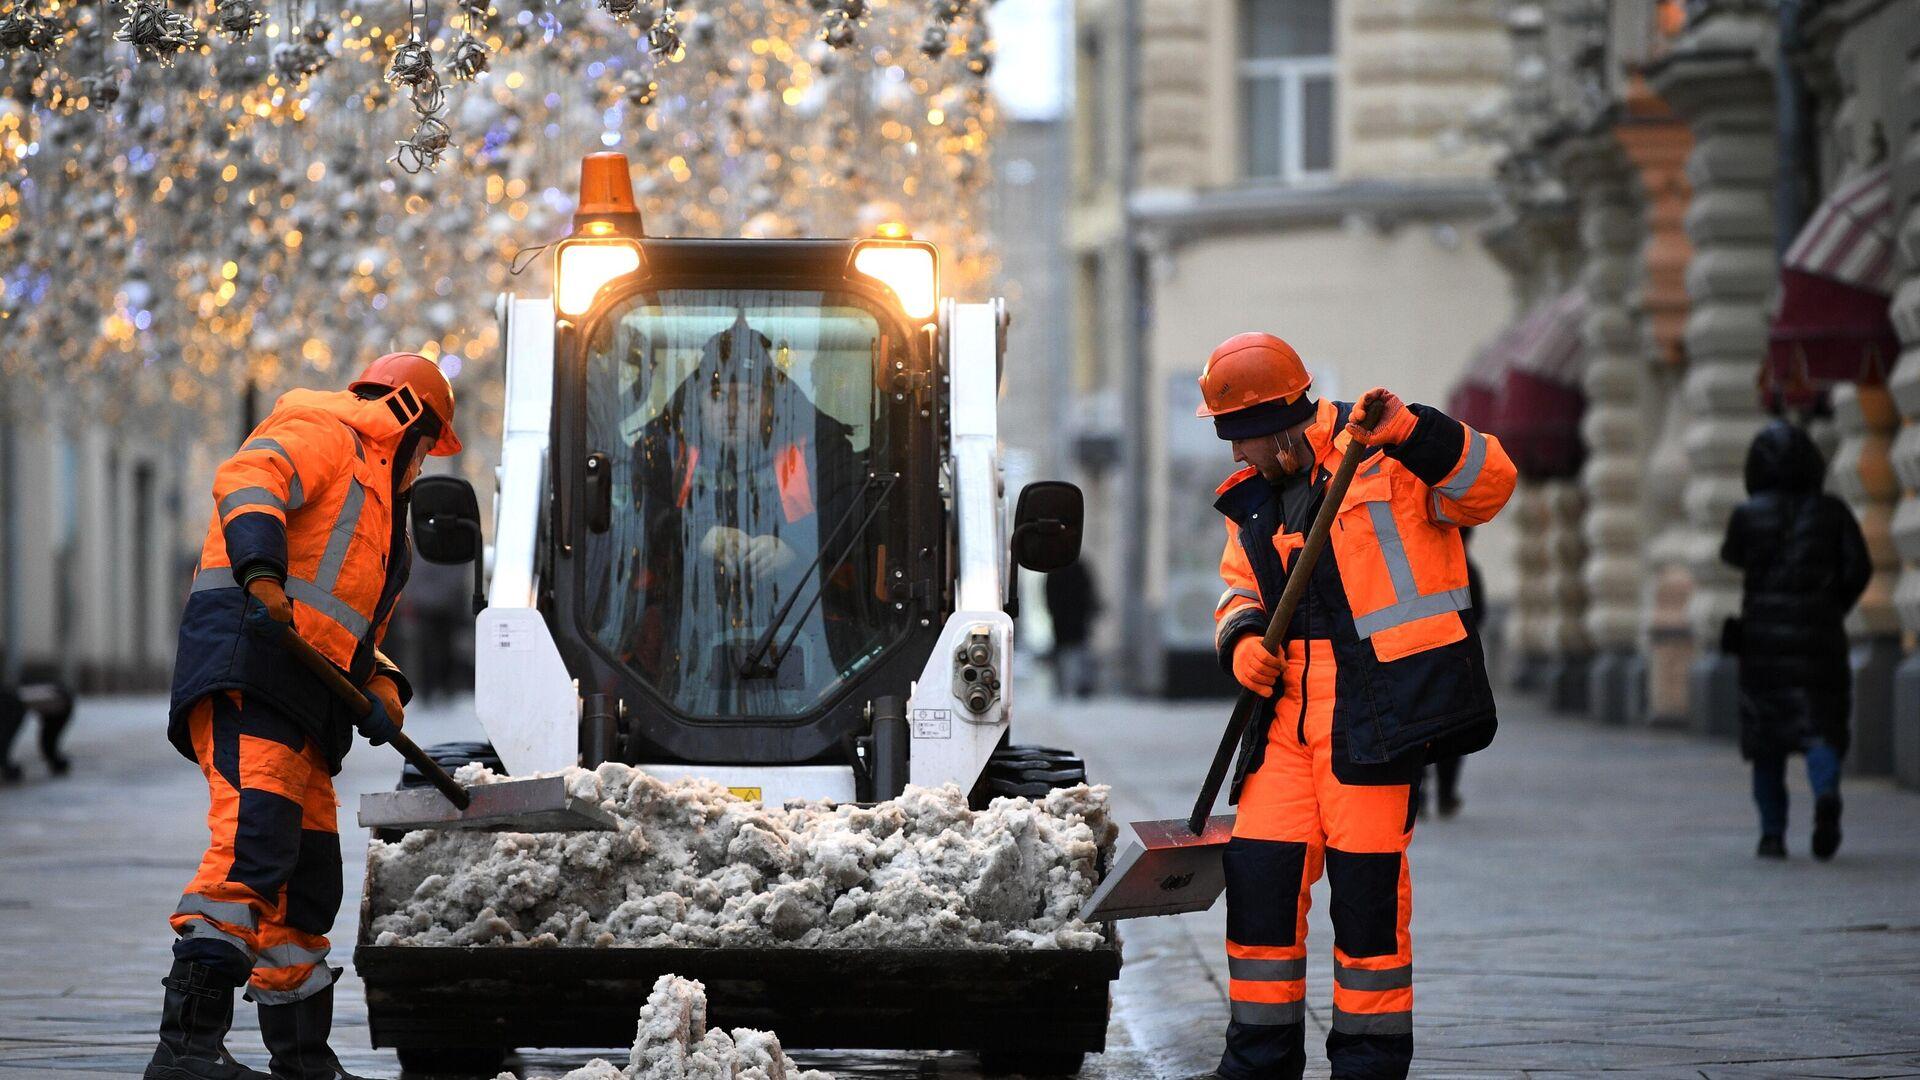 Сотрудники коммунальных служб во время уборки снега в Москве - РИА Новости, 1920, 16.12.2020